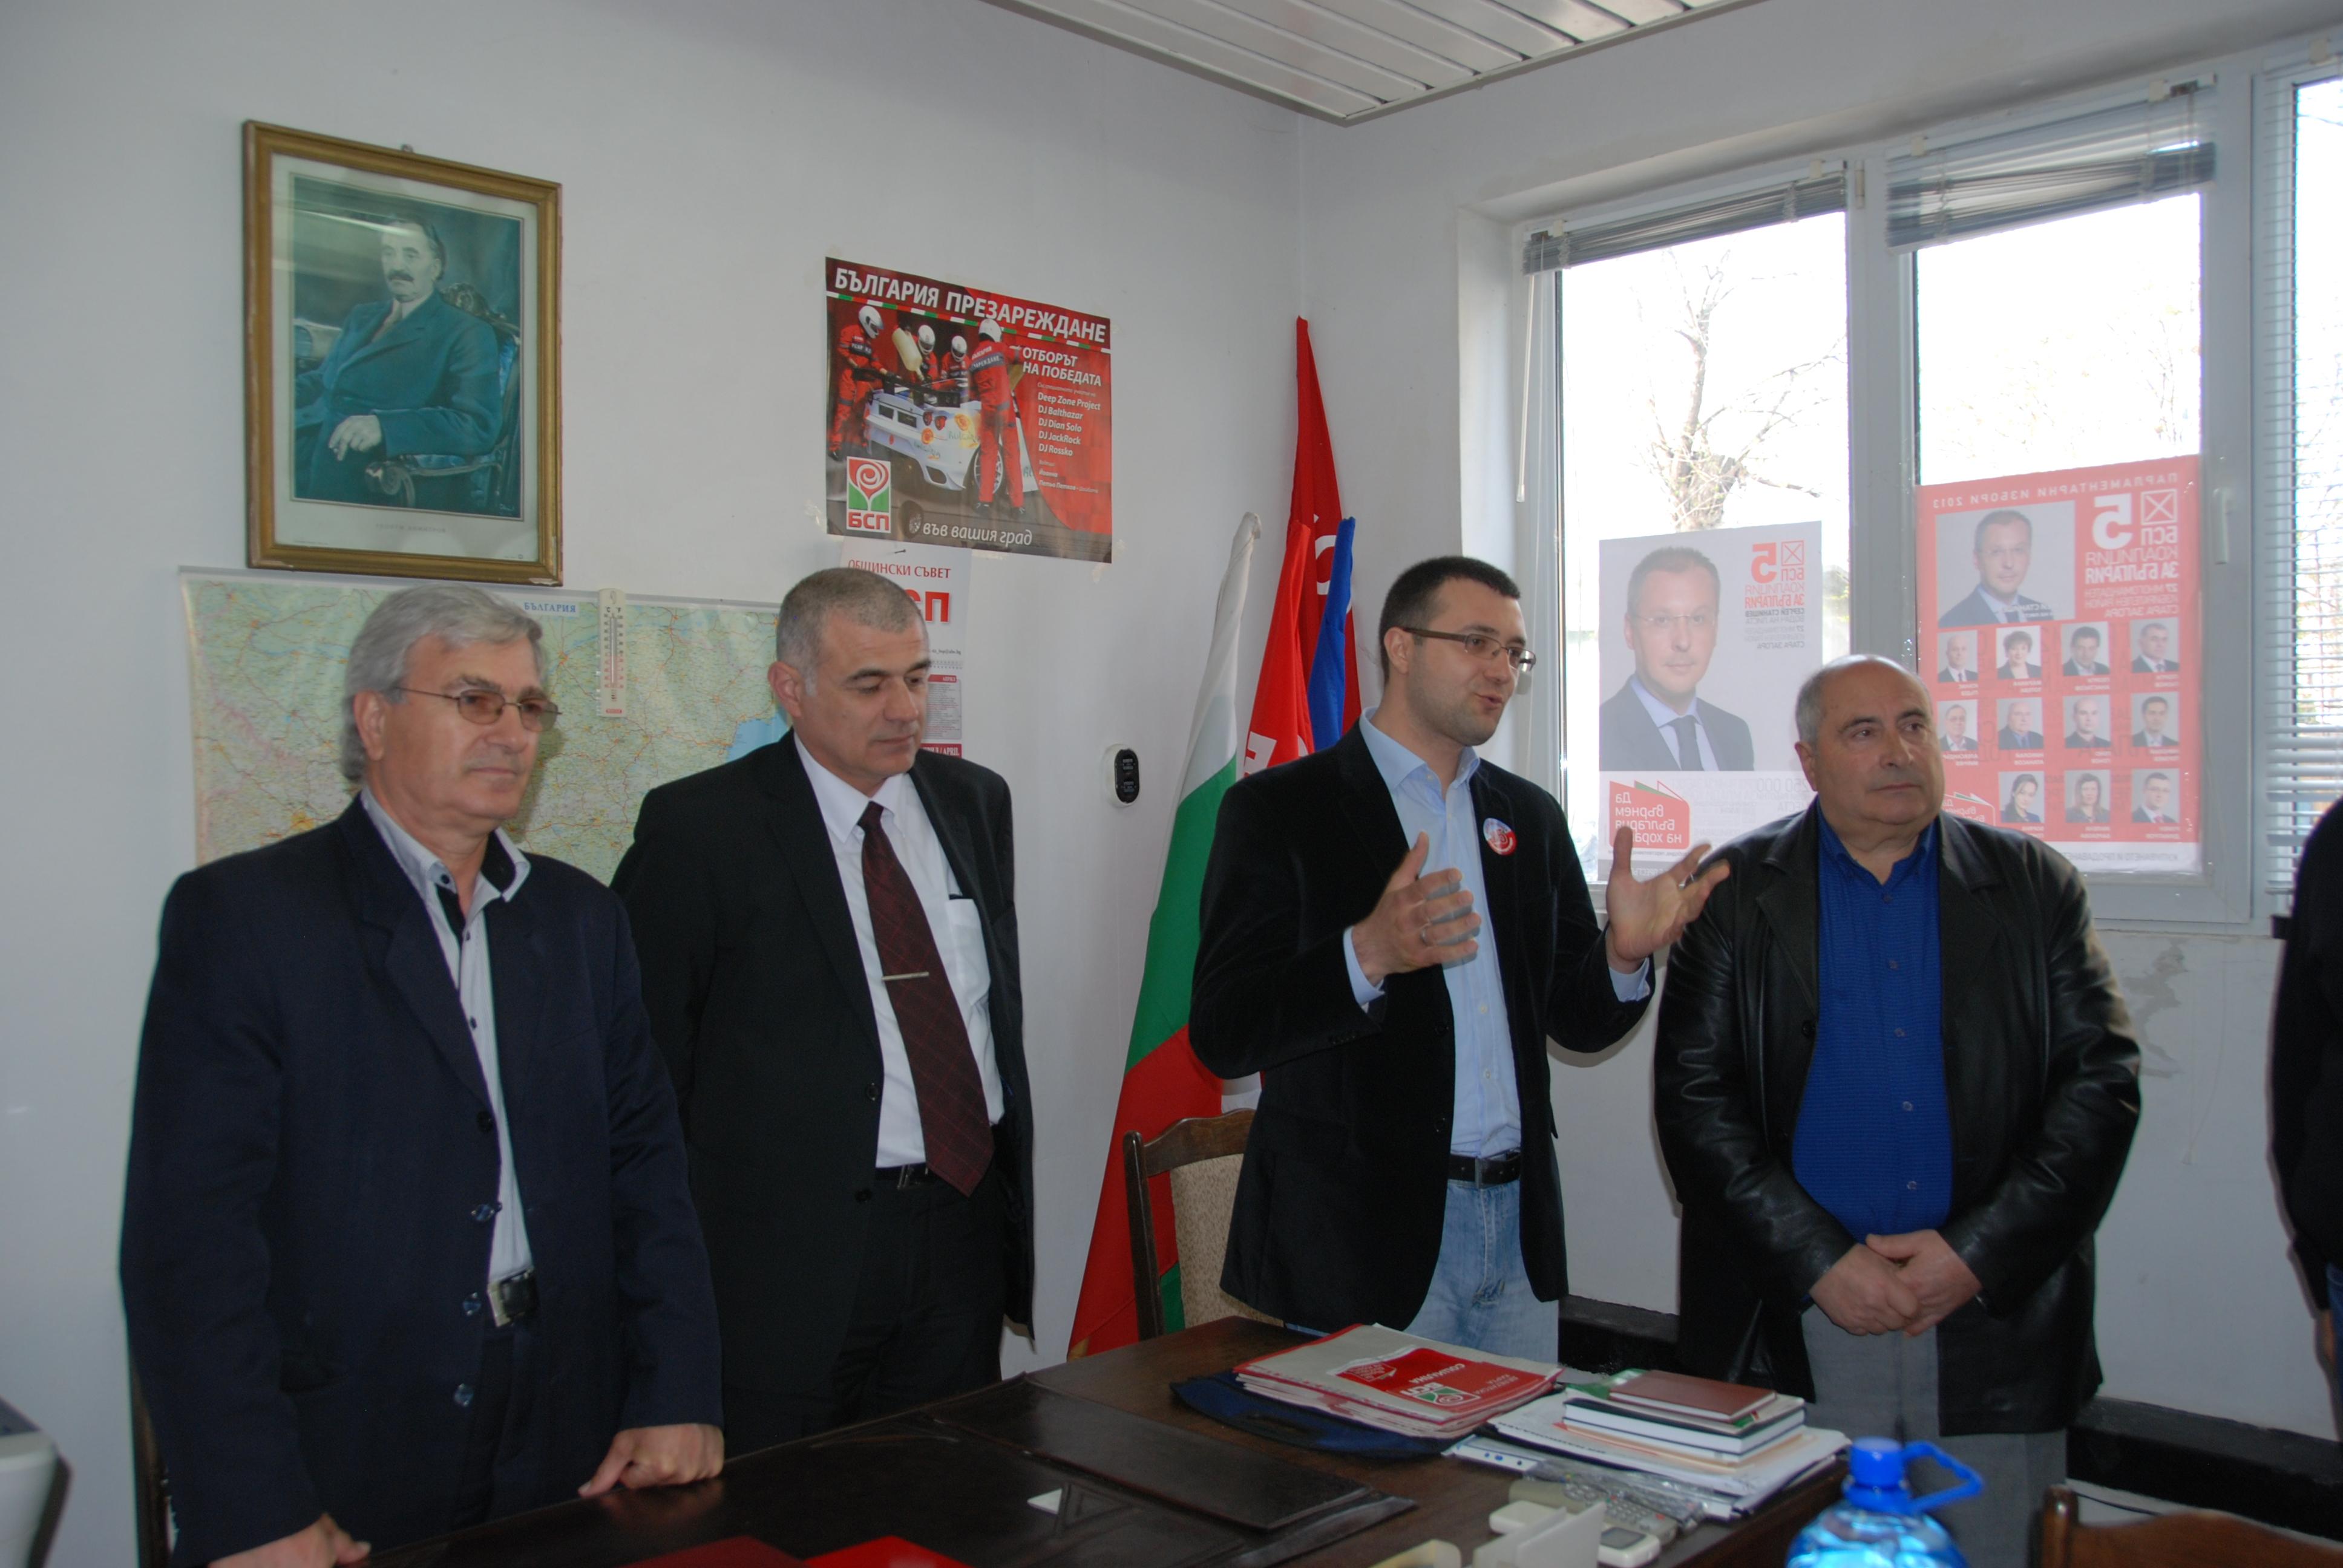 """321919184b7 """"Коалиция за България"""" откри официално кампанията си и предизборните си  клубове в Гълъбово и Опан. Кандидатите за народни представители Георги  Гьоков, ..."""